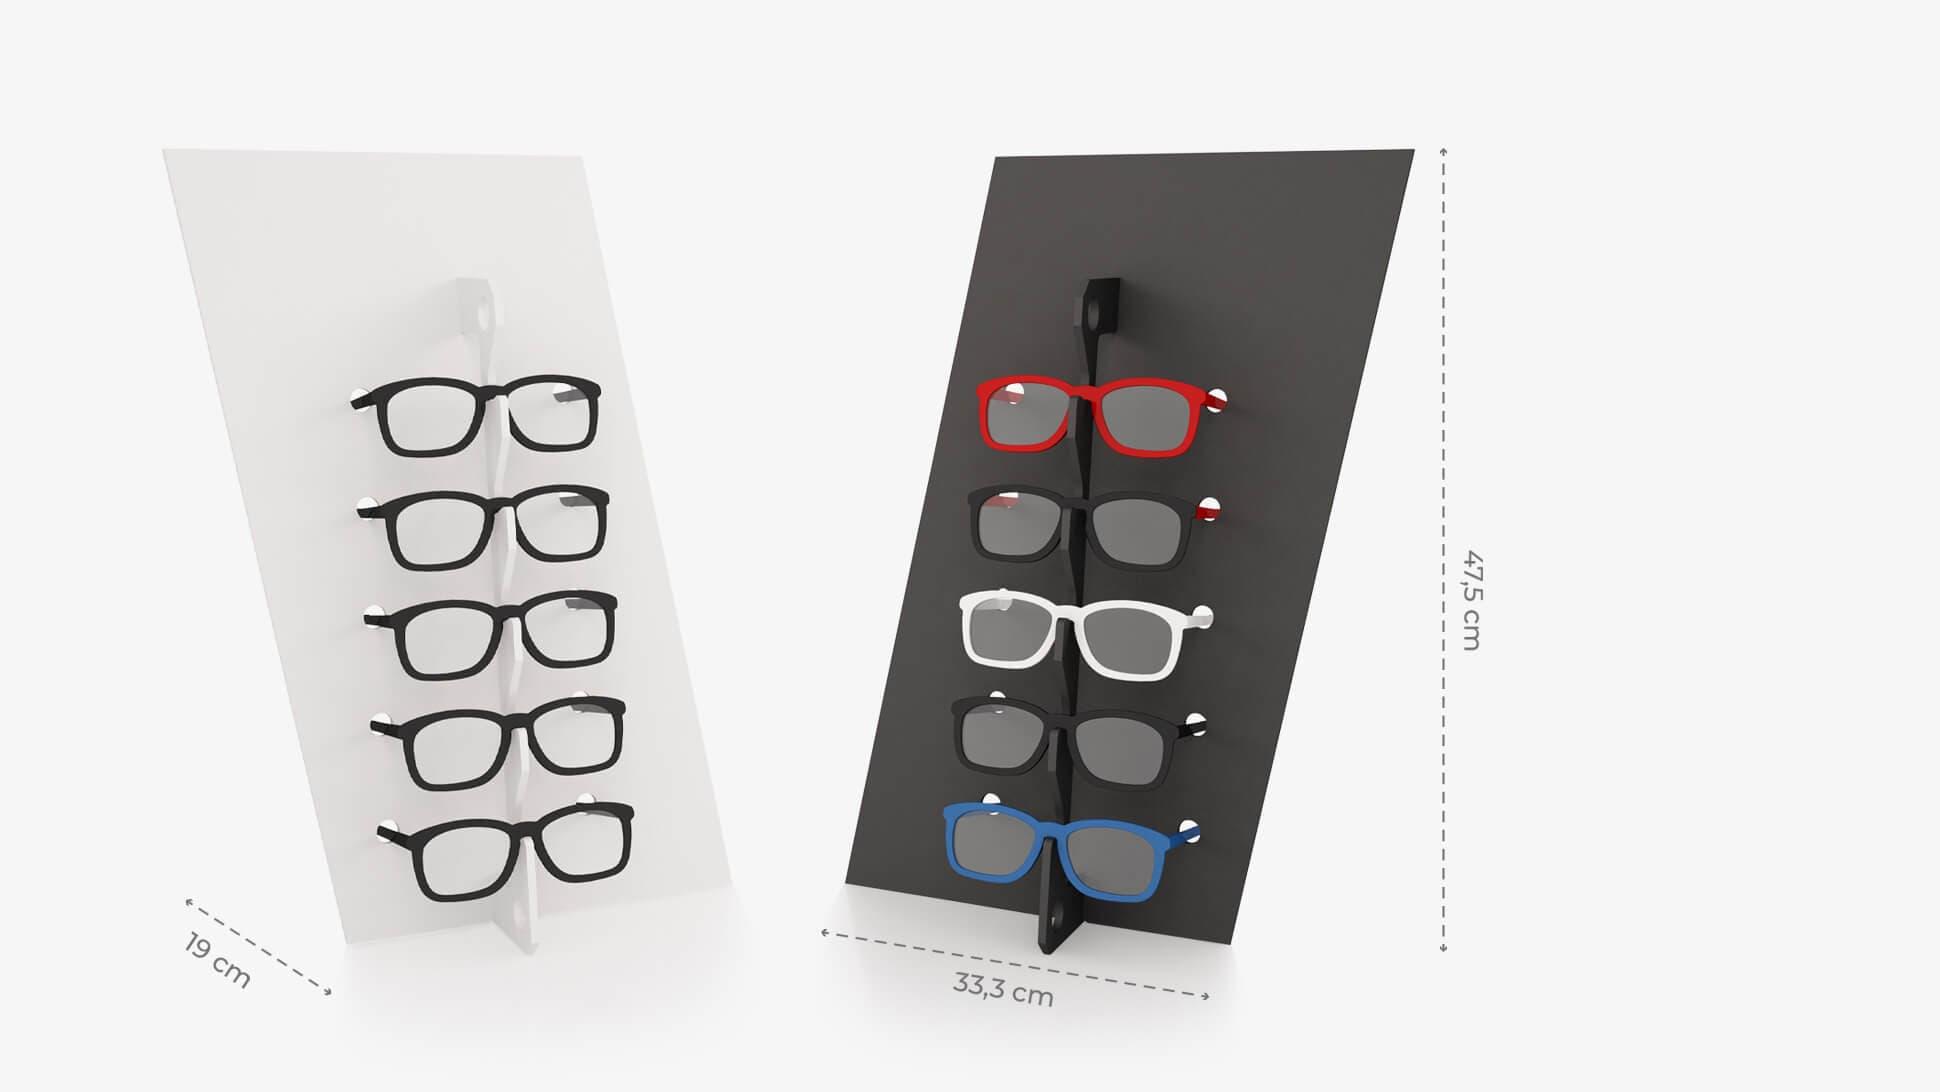 Portaocchiali da banco in Forex 3mm Diago disponibile nella variante bianca o nera | tictac.it